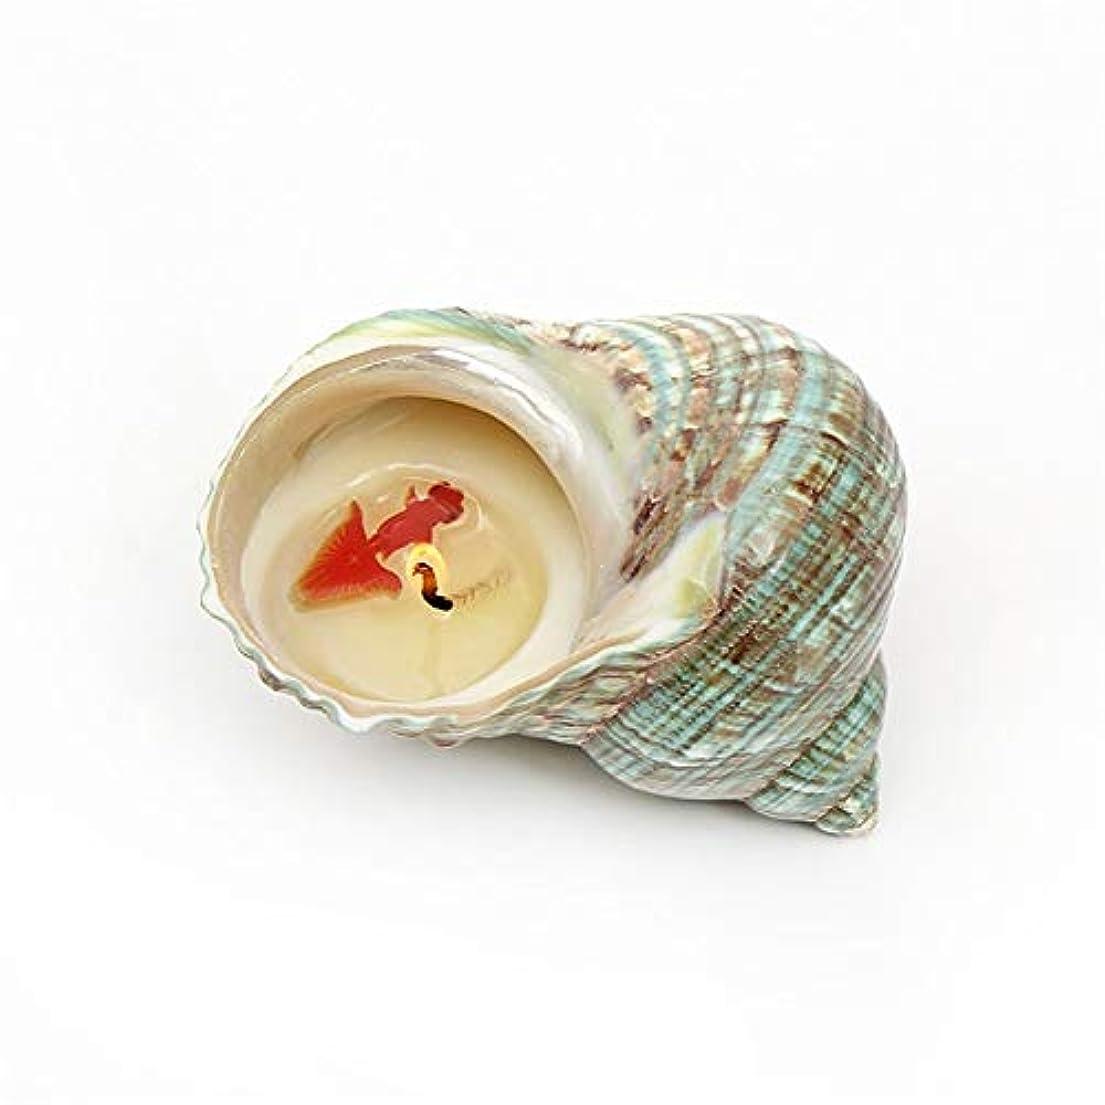 第九列挙するフィラデルフィアACAO 手作りのシェル金魚の香りキャンドルカップ誕生日プレゼントロマンチックな告白結婚式の装飾 (色 : Marriage)